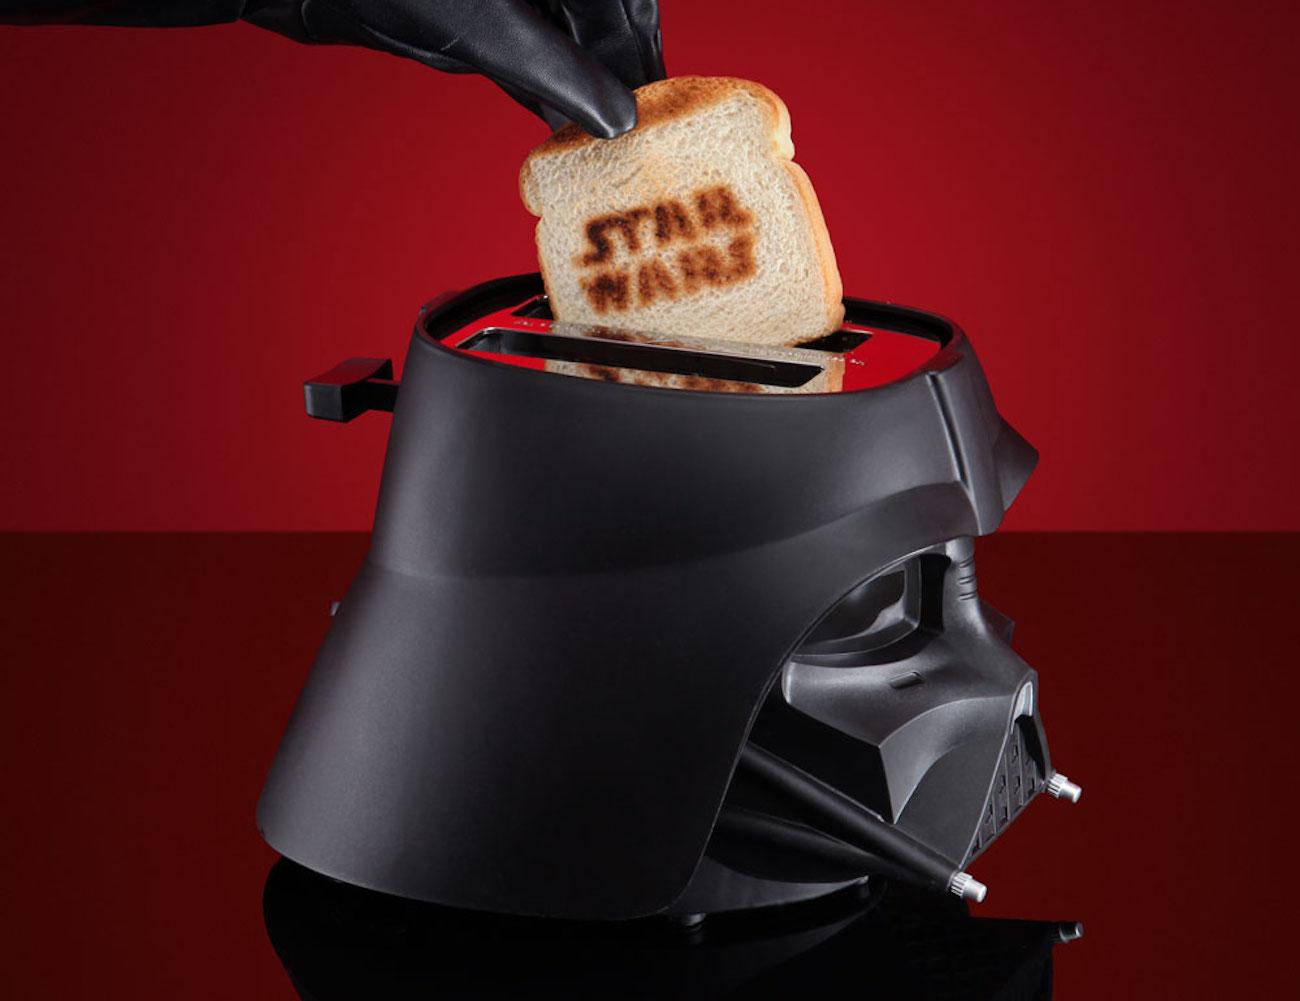 Star+Wars+Darth+Vader+Toaster